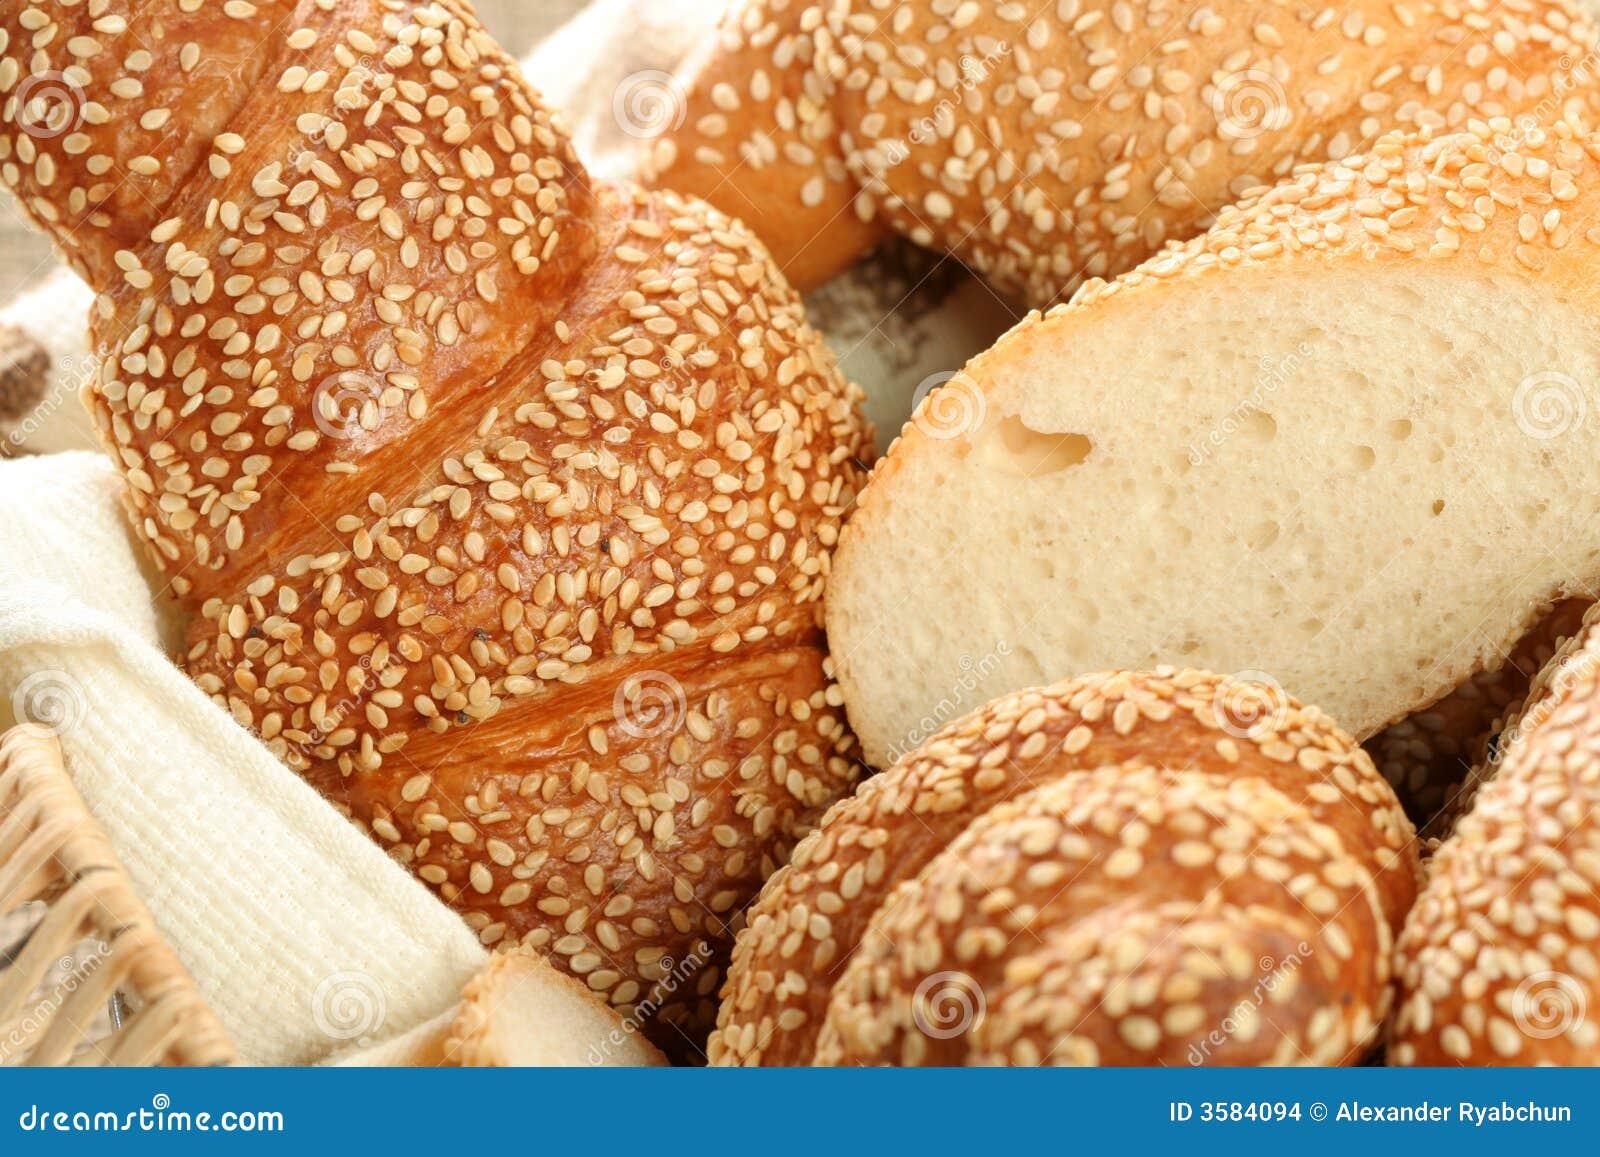 хлеб печатает различное на машинке